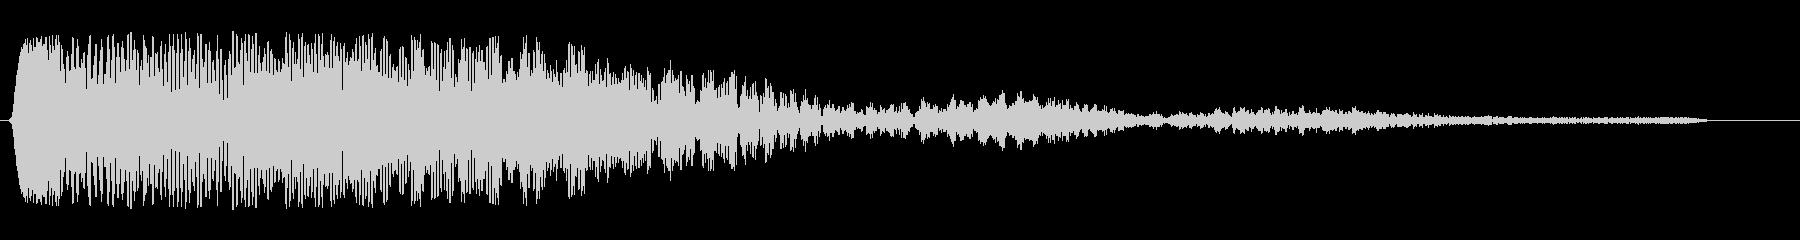 ジュボ〜ンという効果音の未再生の波形